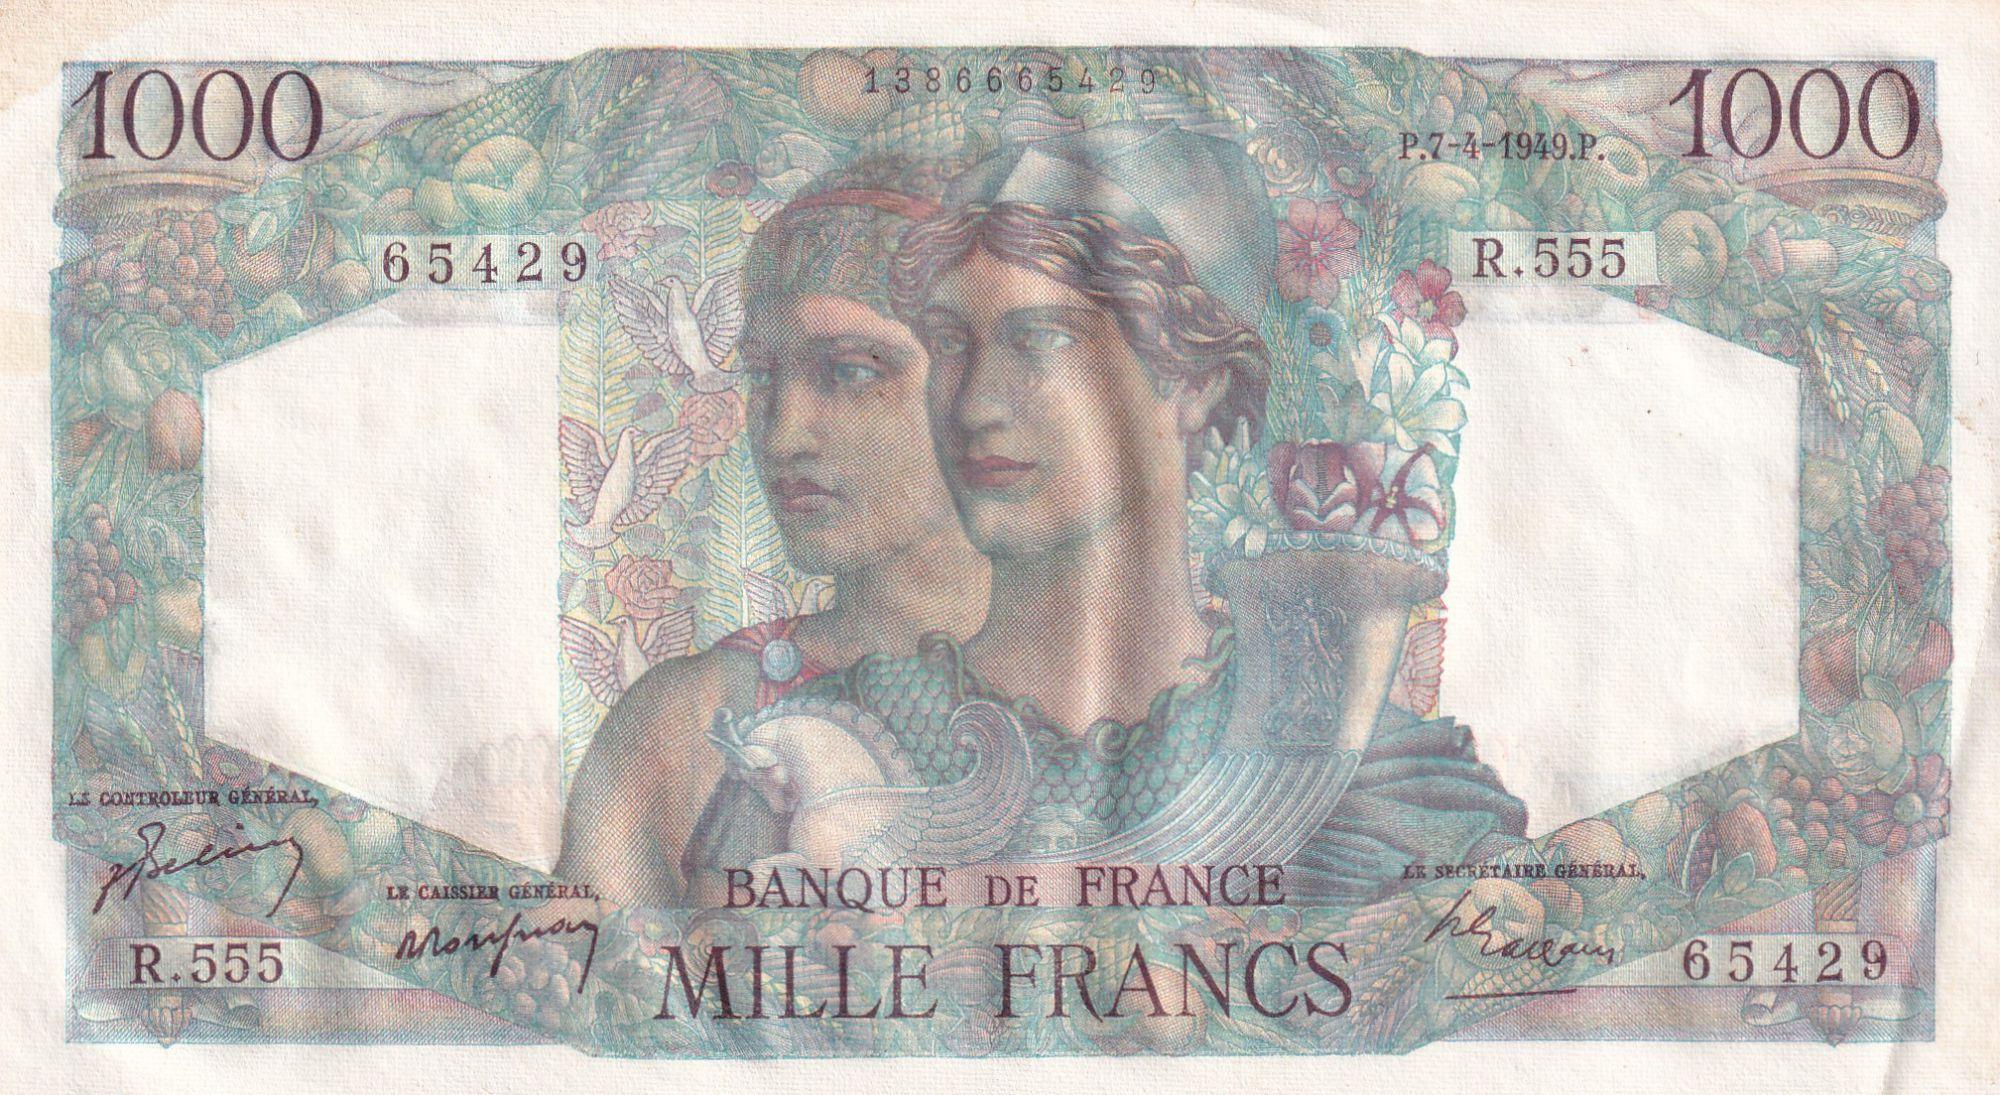 France 1000 Francs Minerve et Hercule - 07-04-1949 - Série R.555 n°65429 - SPL